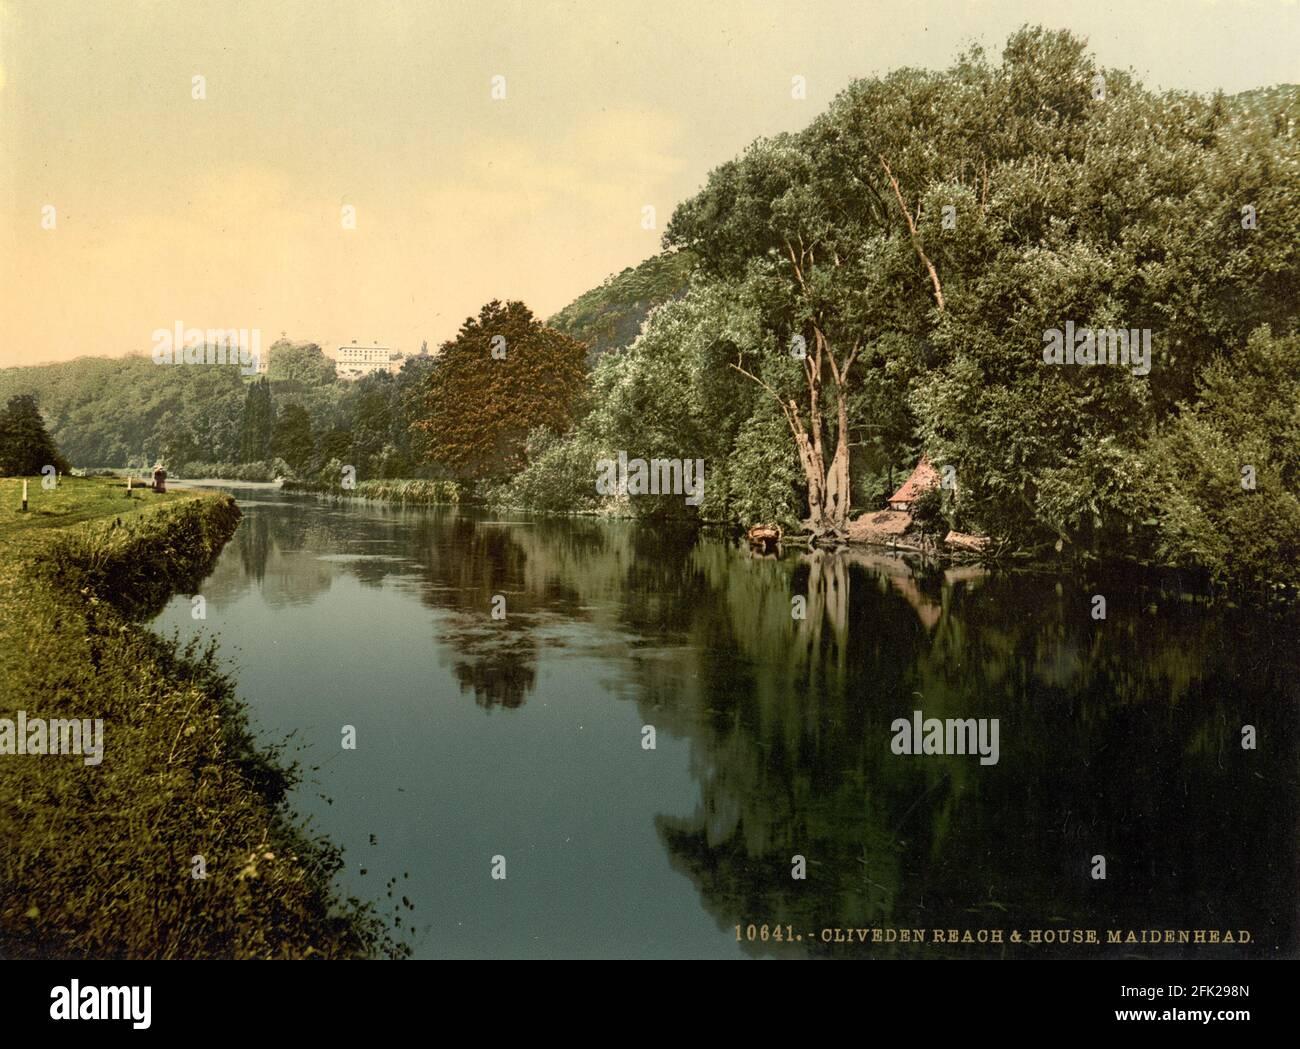 Cliveden Reach près de Maidenhead et de la Tamise vers 1890-1900 Banque D'Images